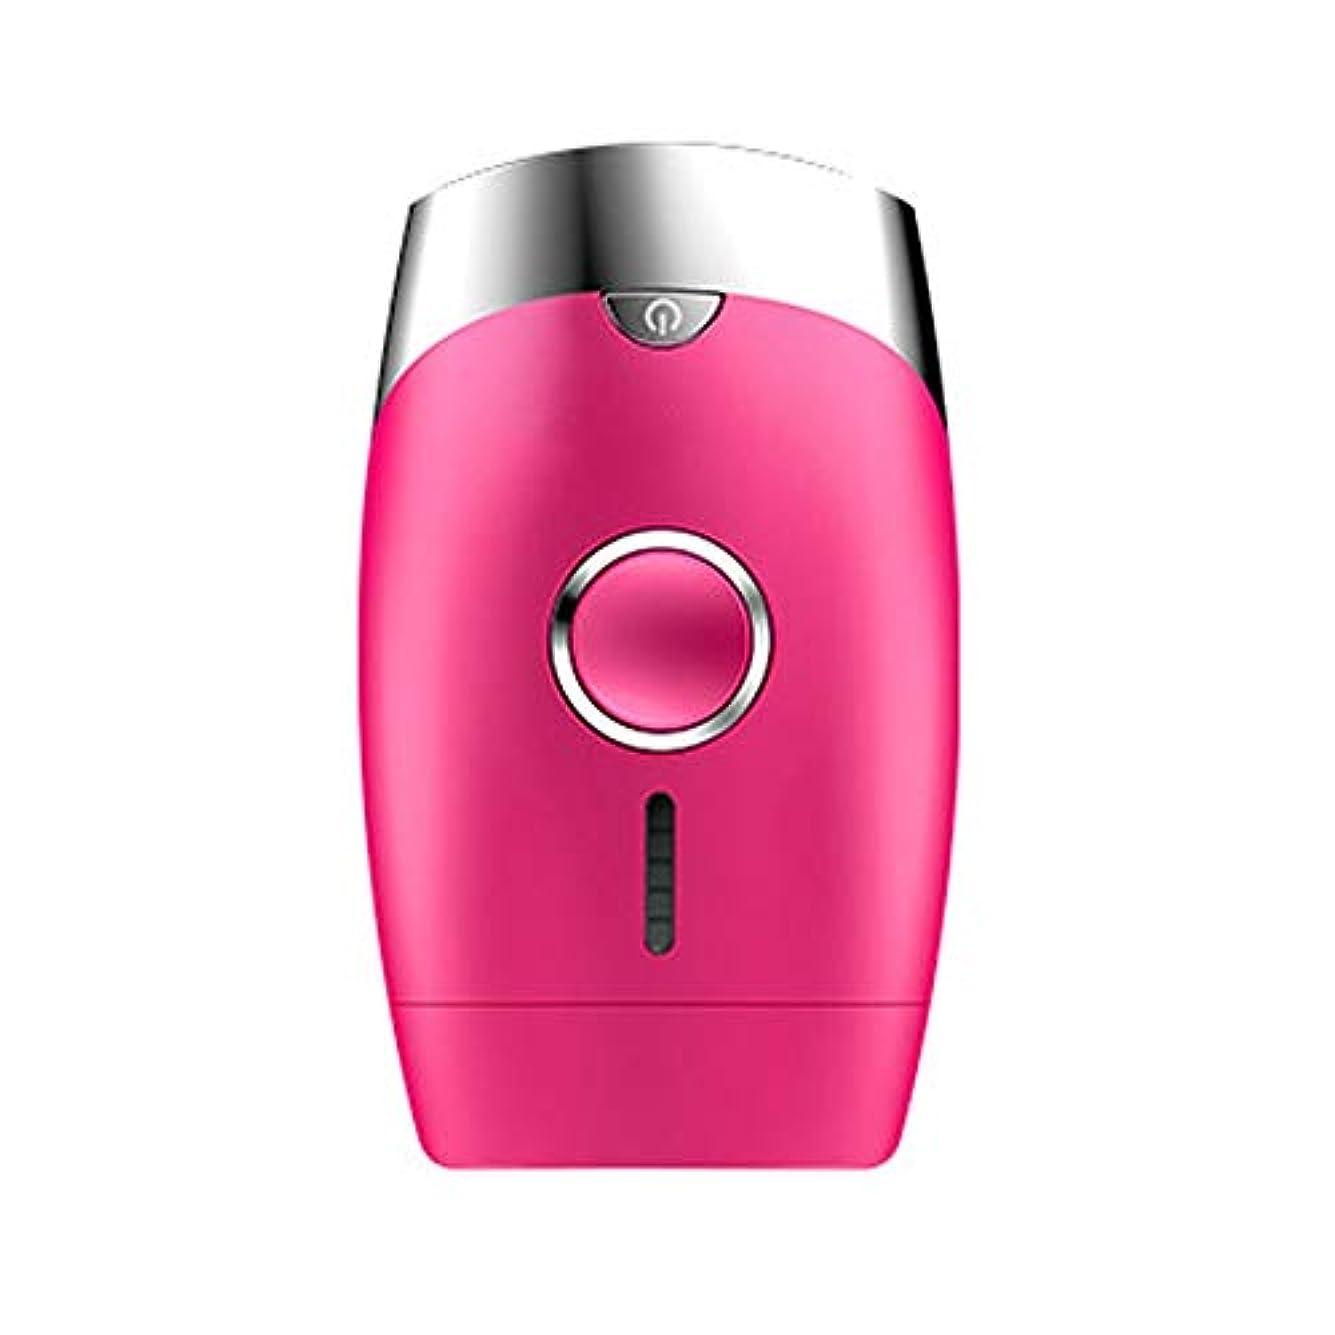 強度規制牧師高男 ピンク、5スピード調整、インテリジェント家庭用無痛快適凍結ポイント脱毛剤、シングルフラッシュ/連続フラッシュ、サイズ13.9x8.3x4.8cm (Color : Pink)